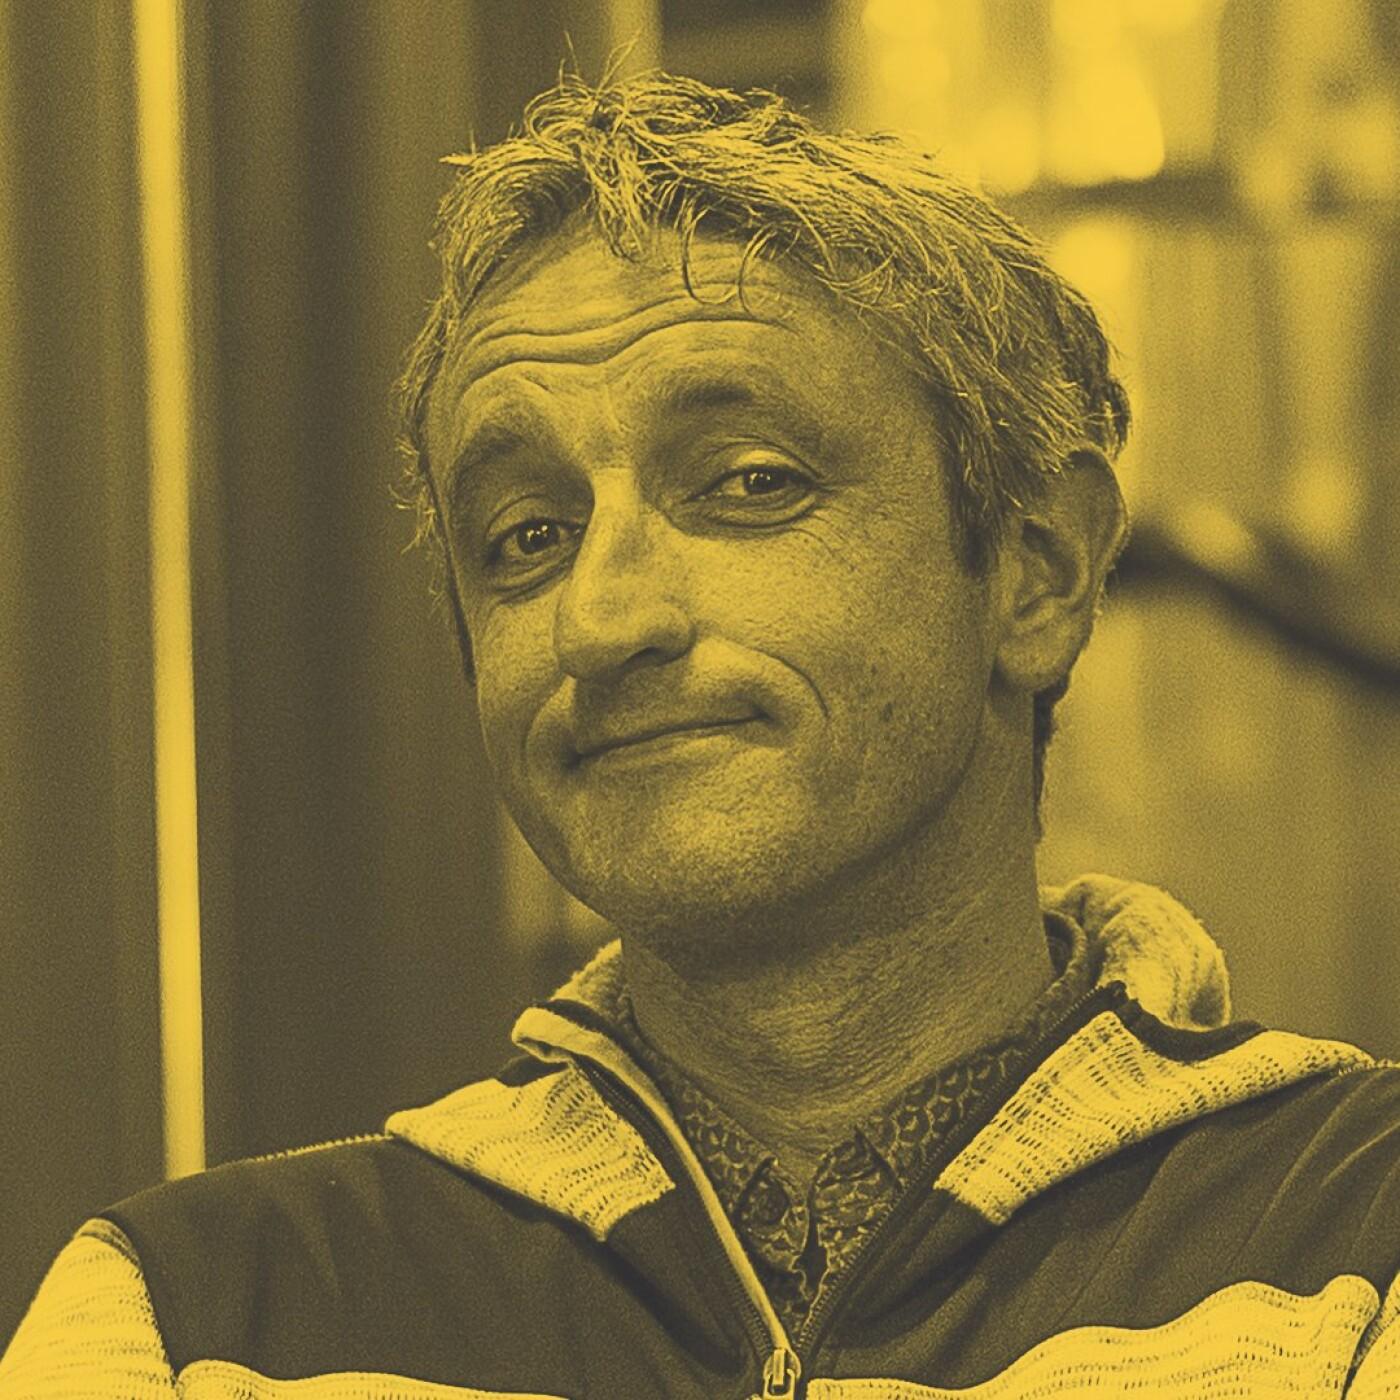 #28 - Matthieu Breton, Directeur Général de la Brasserie Coreff